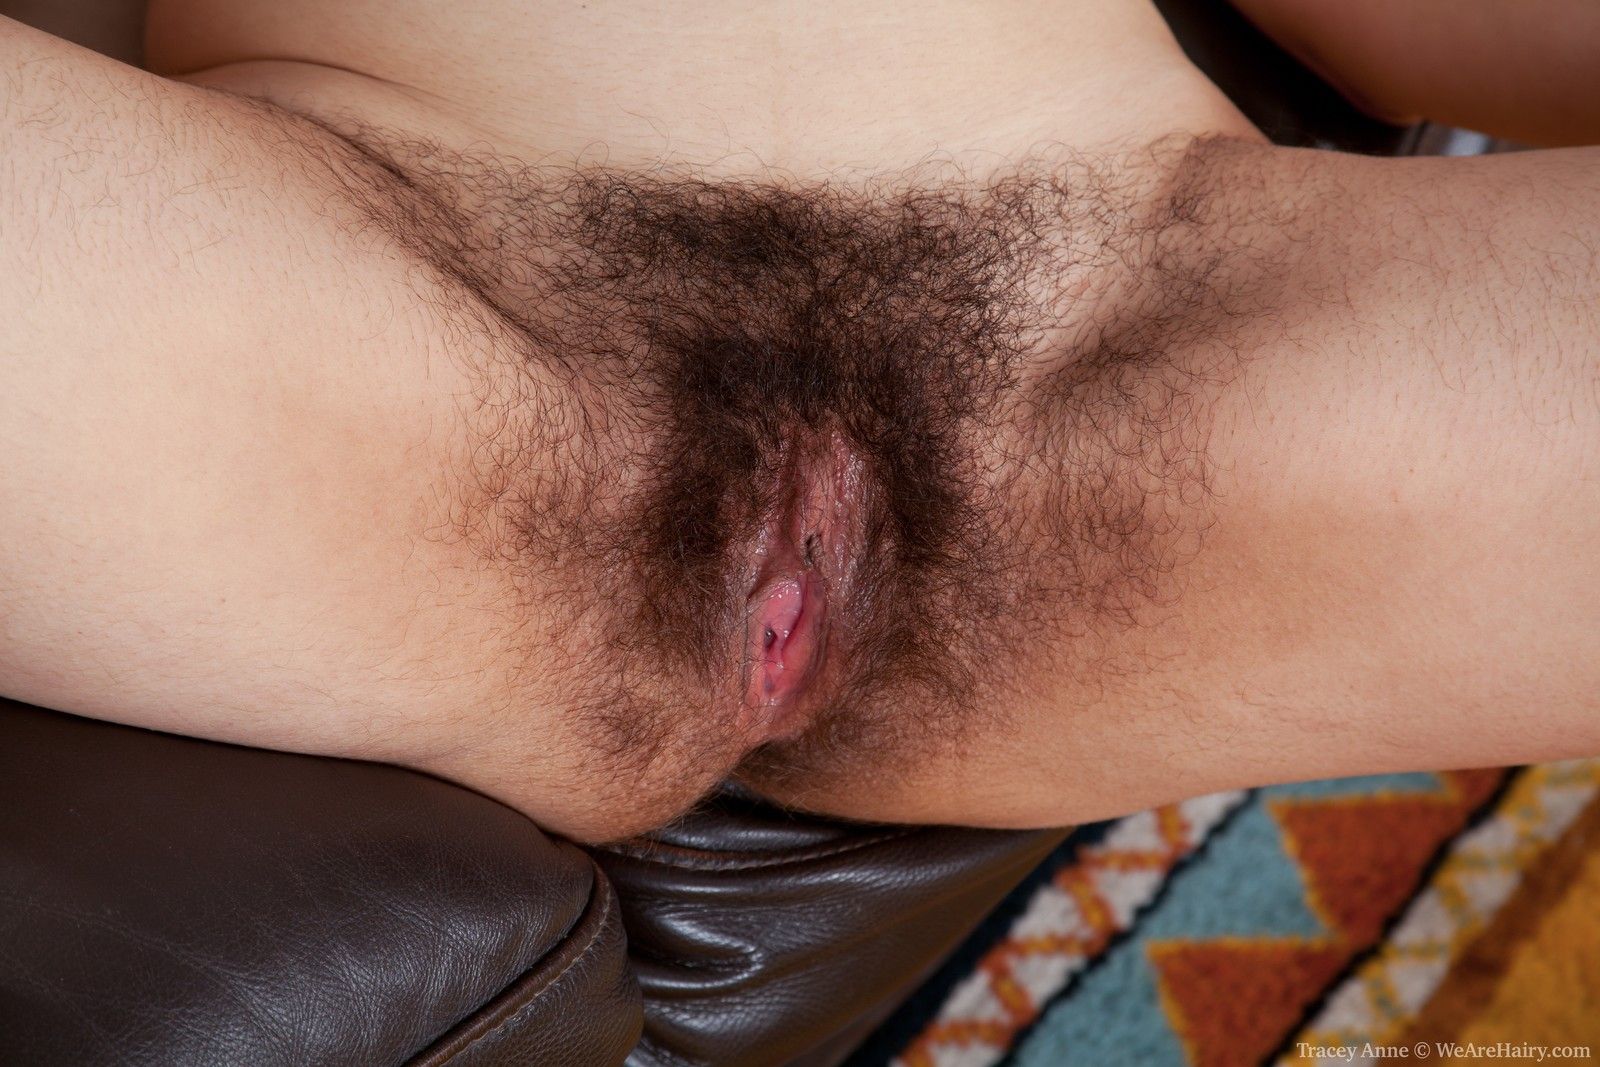 крупно порно фото волосатая пизда-ыю3